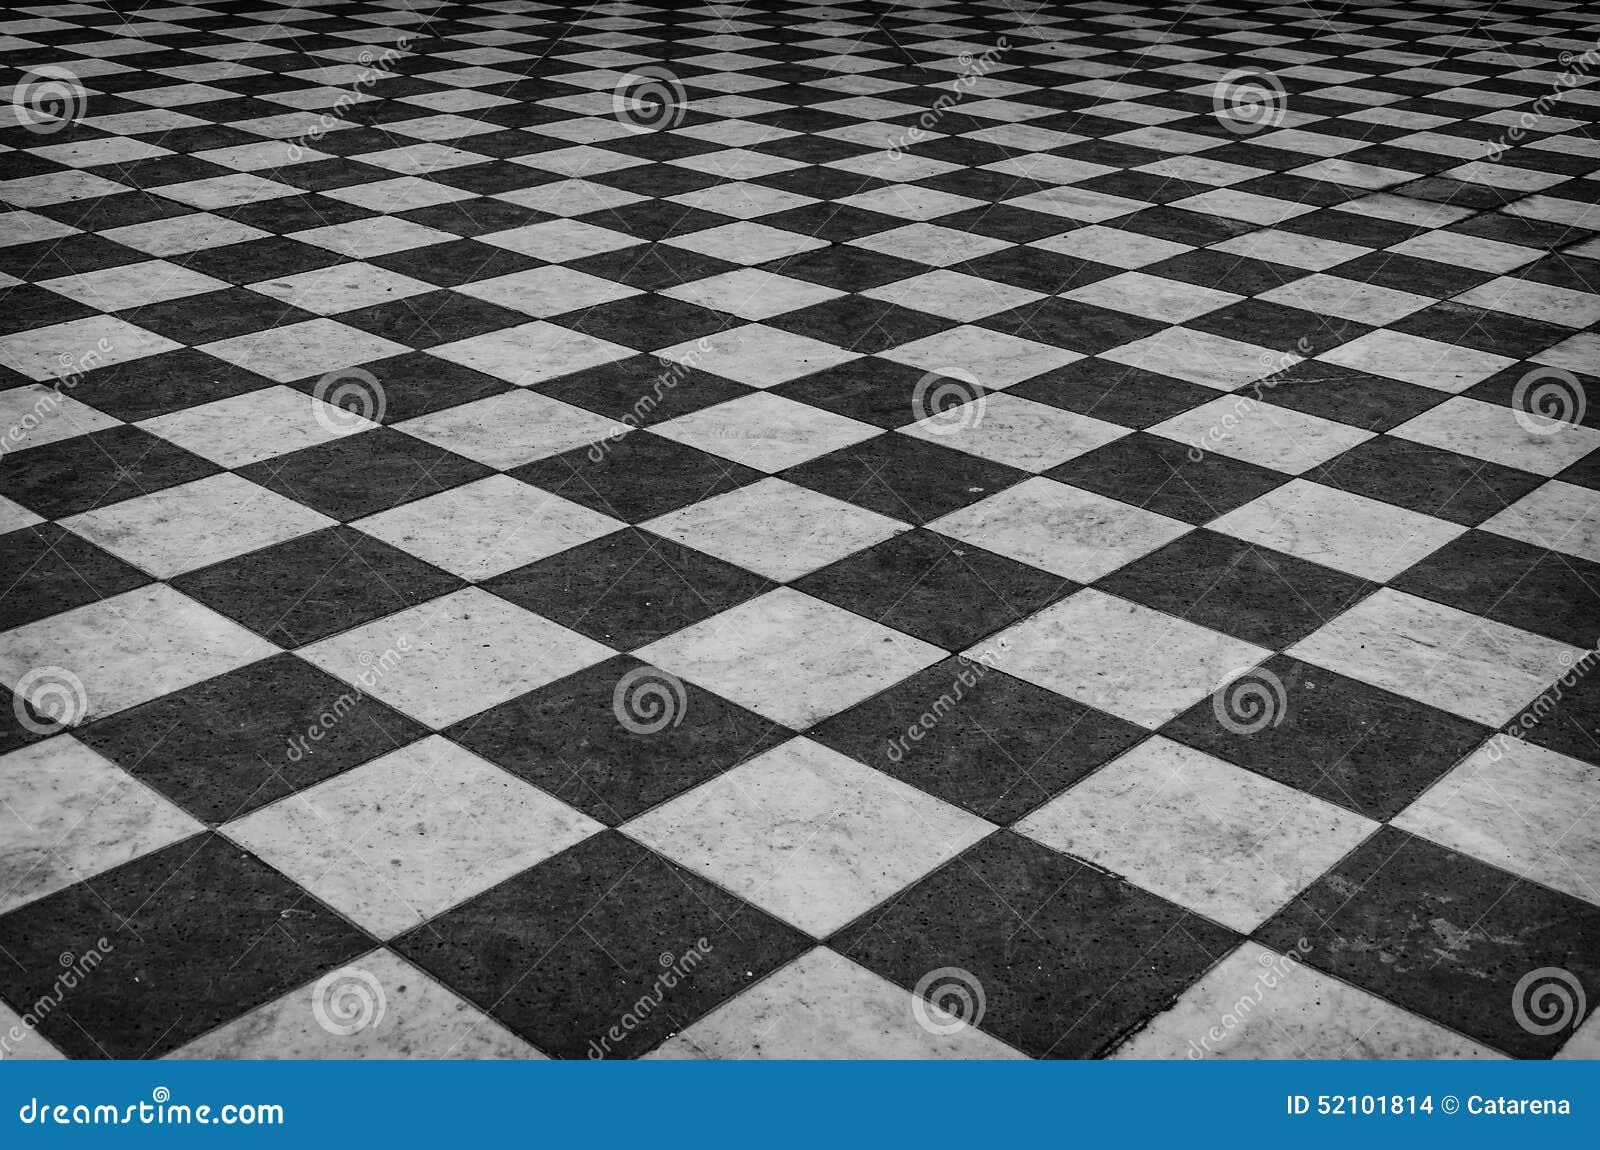 Piso de m rmol a cuadros blanco y negro foto de archivo - Piso marmol negro ...